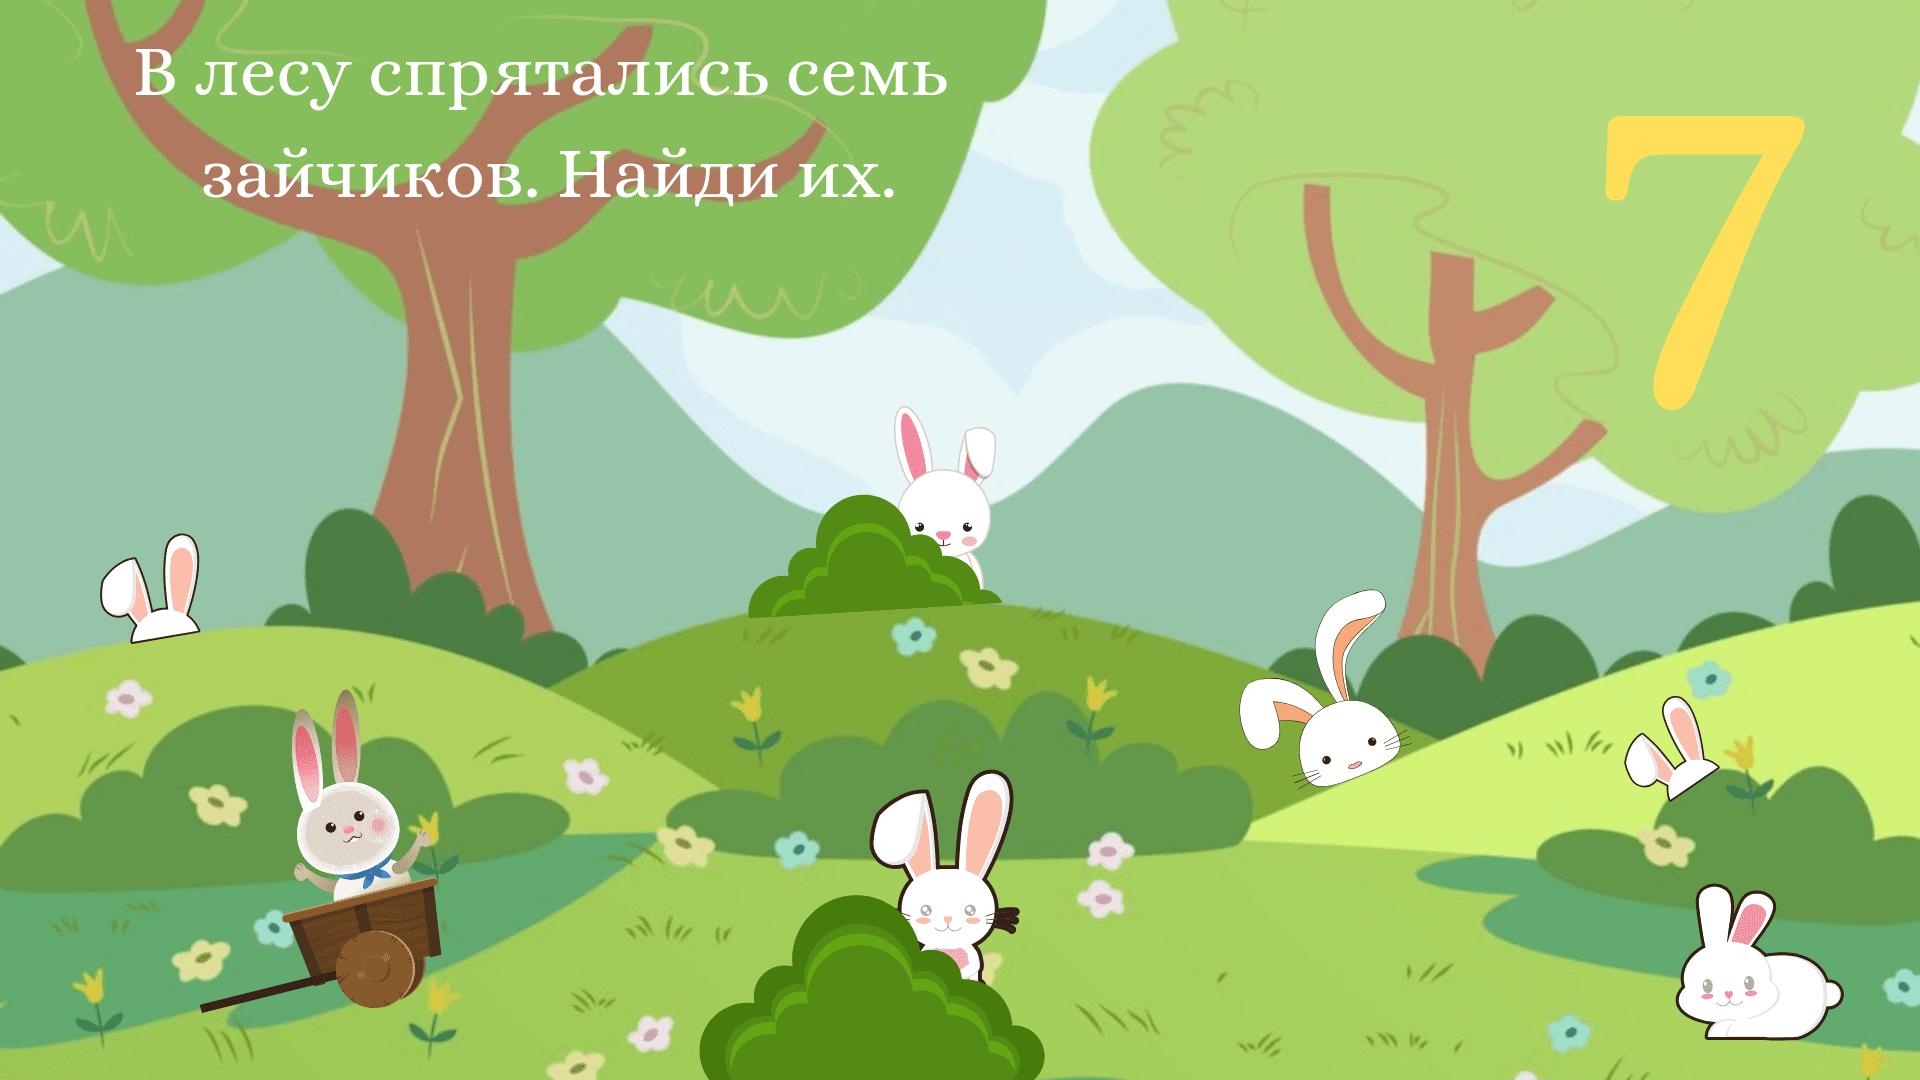 в лесу спрятались семь зайчиков